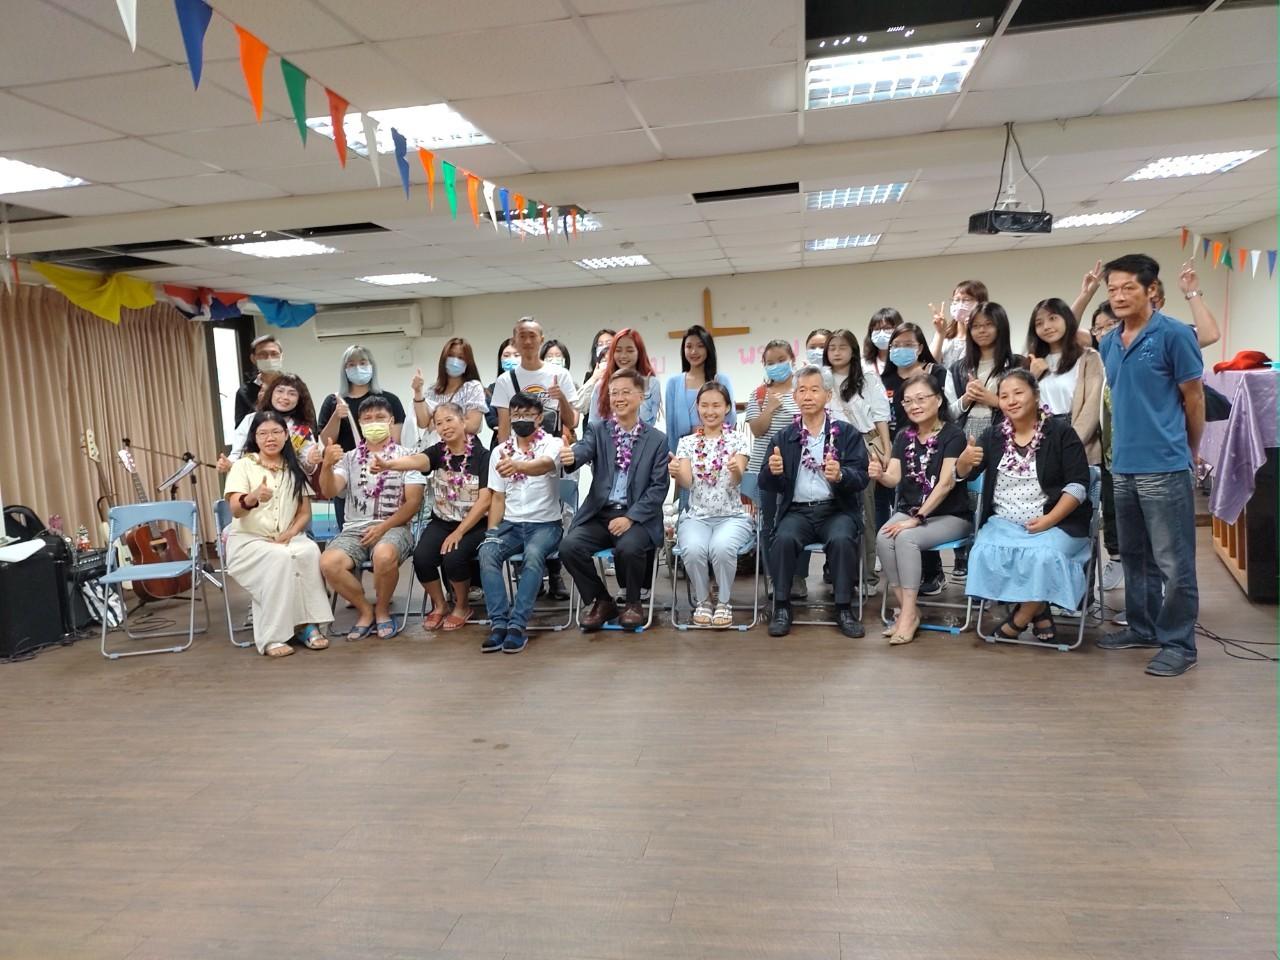 《東南亞宗教》課程帶領學生前往「暹羅園關懷中心」進行文化交流